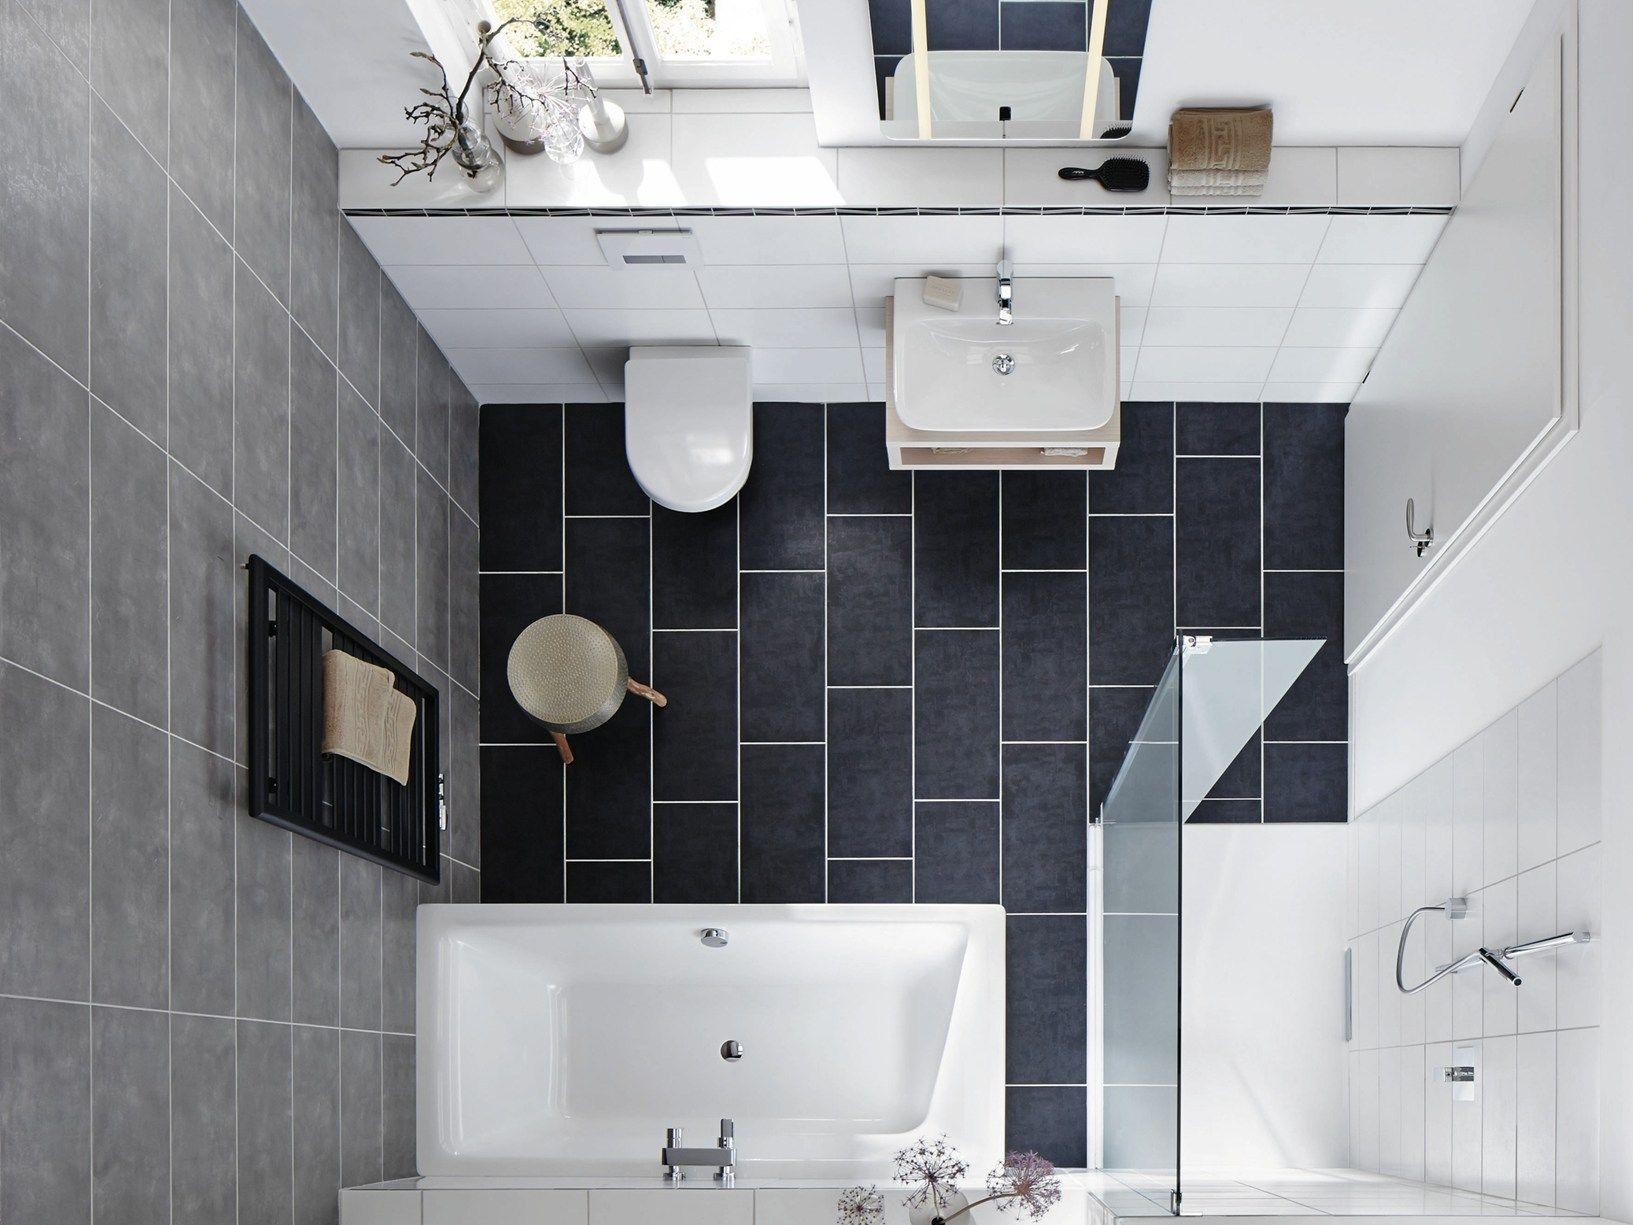 bagni moderni piccoli spazi. top arredare un bagno piccolo ... - Bagni Moderni Piccoli Spazi